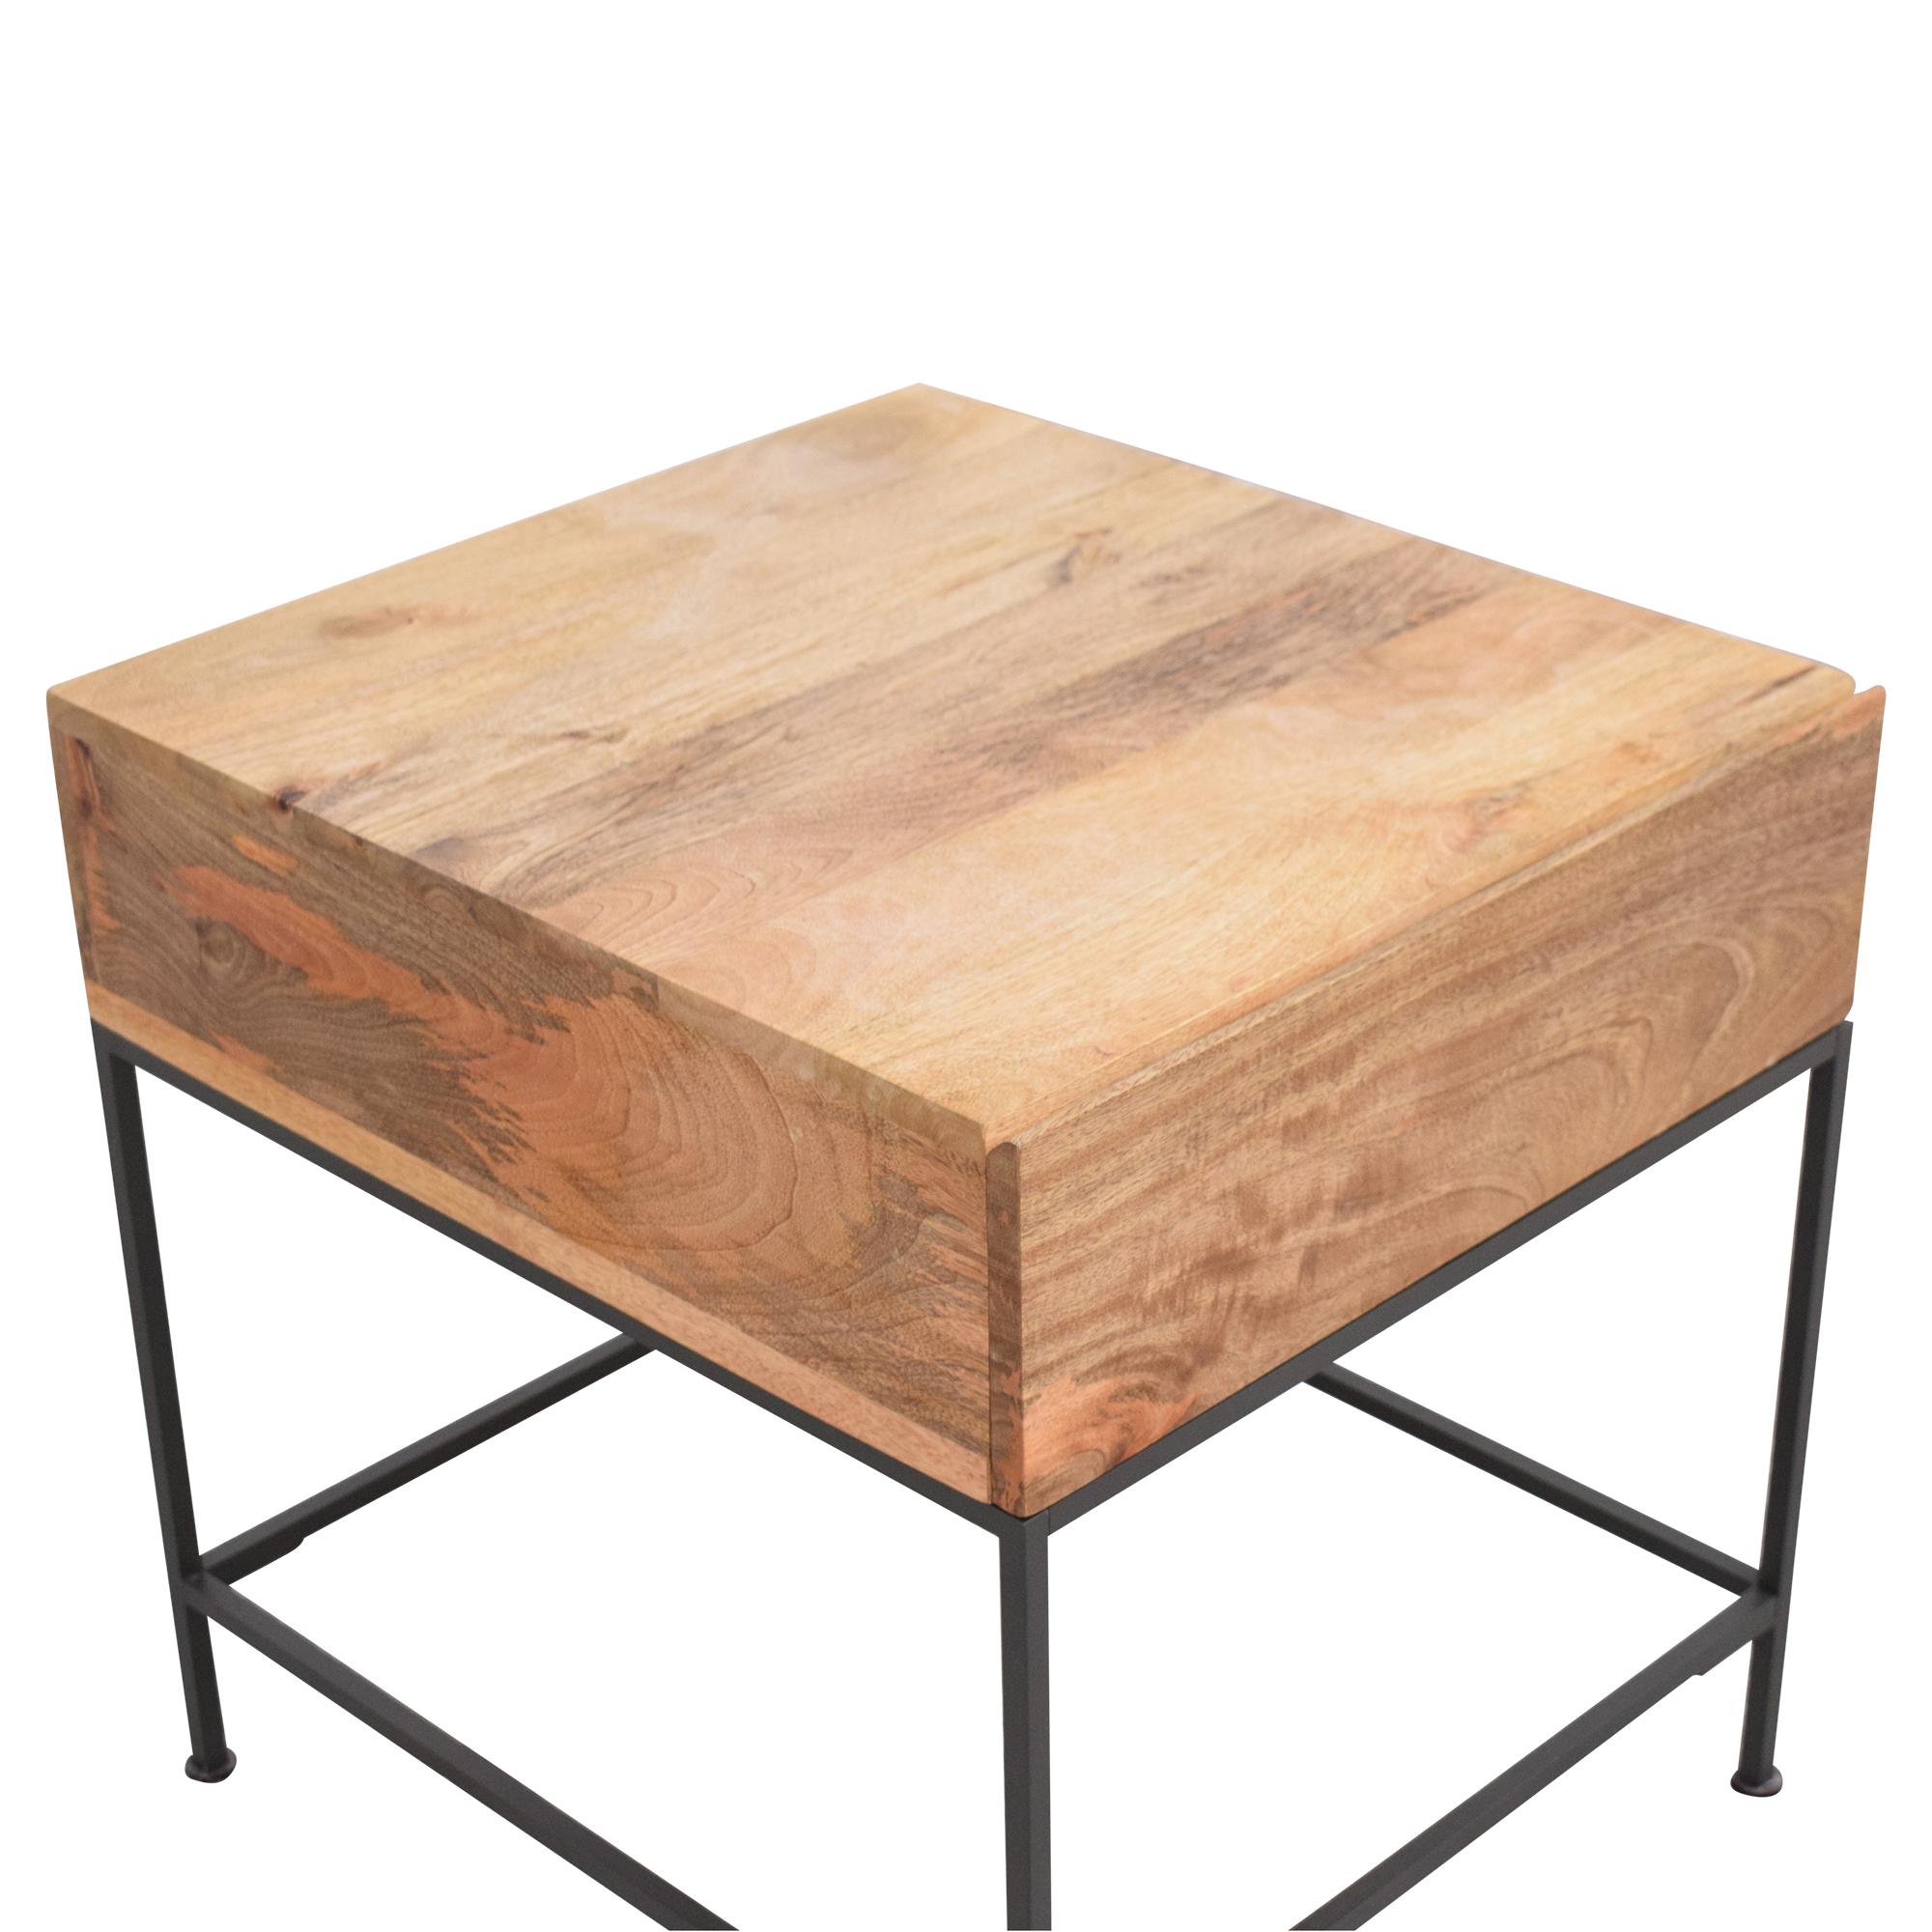 West Elm West Elm Industrial Storage Side Table used